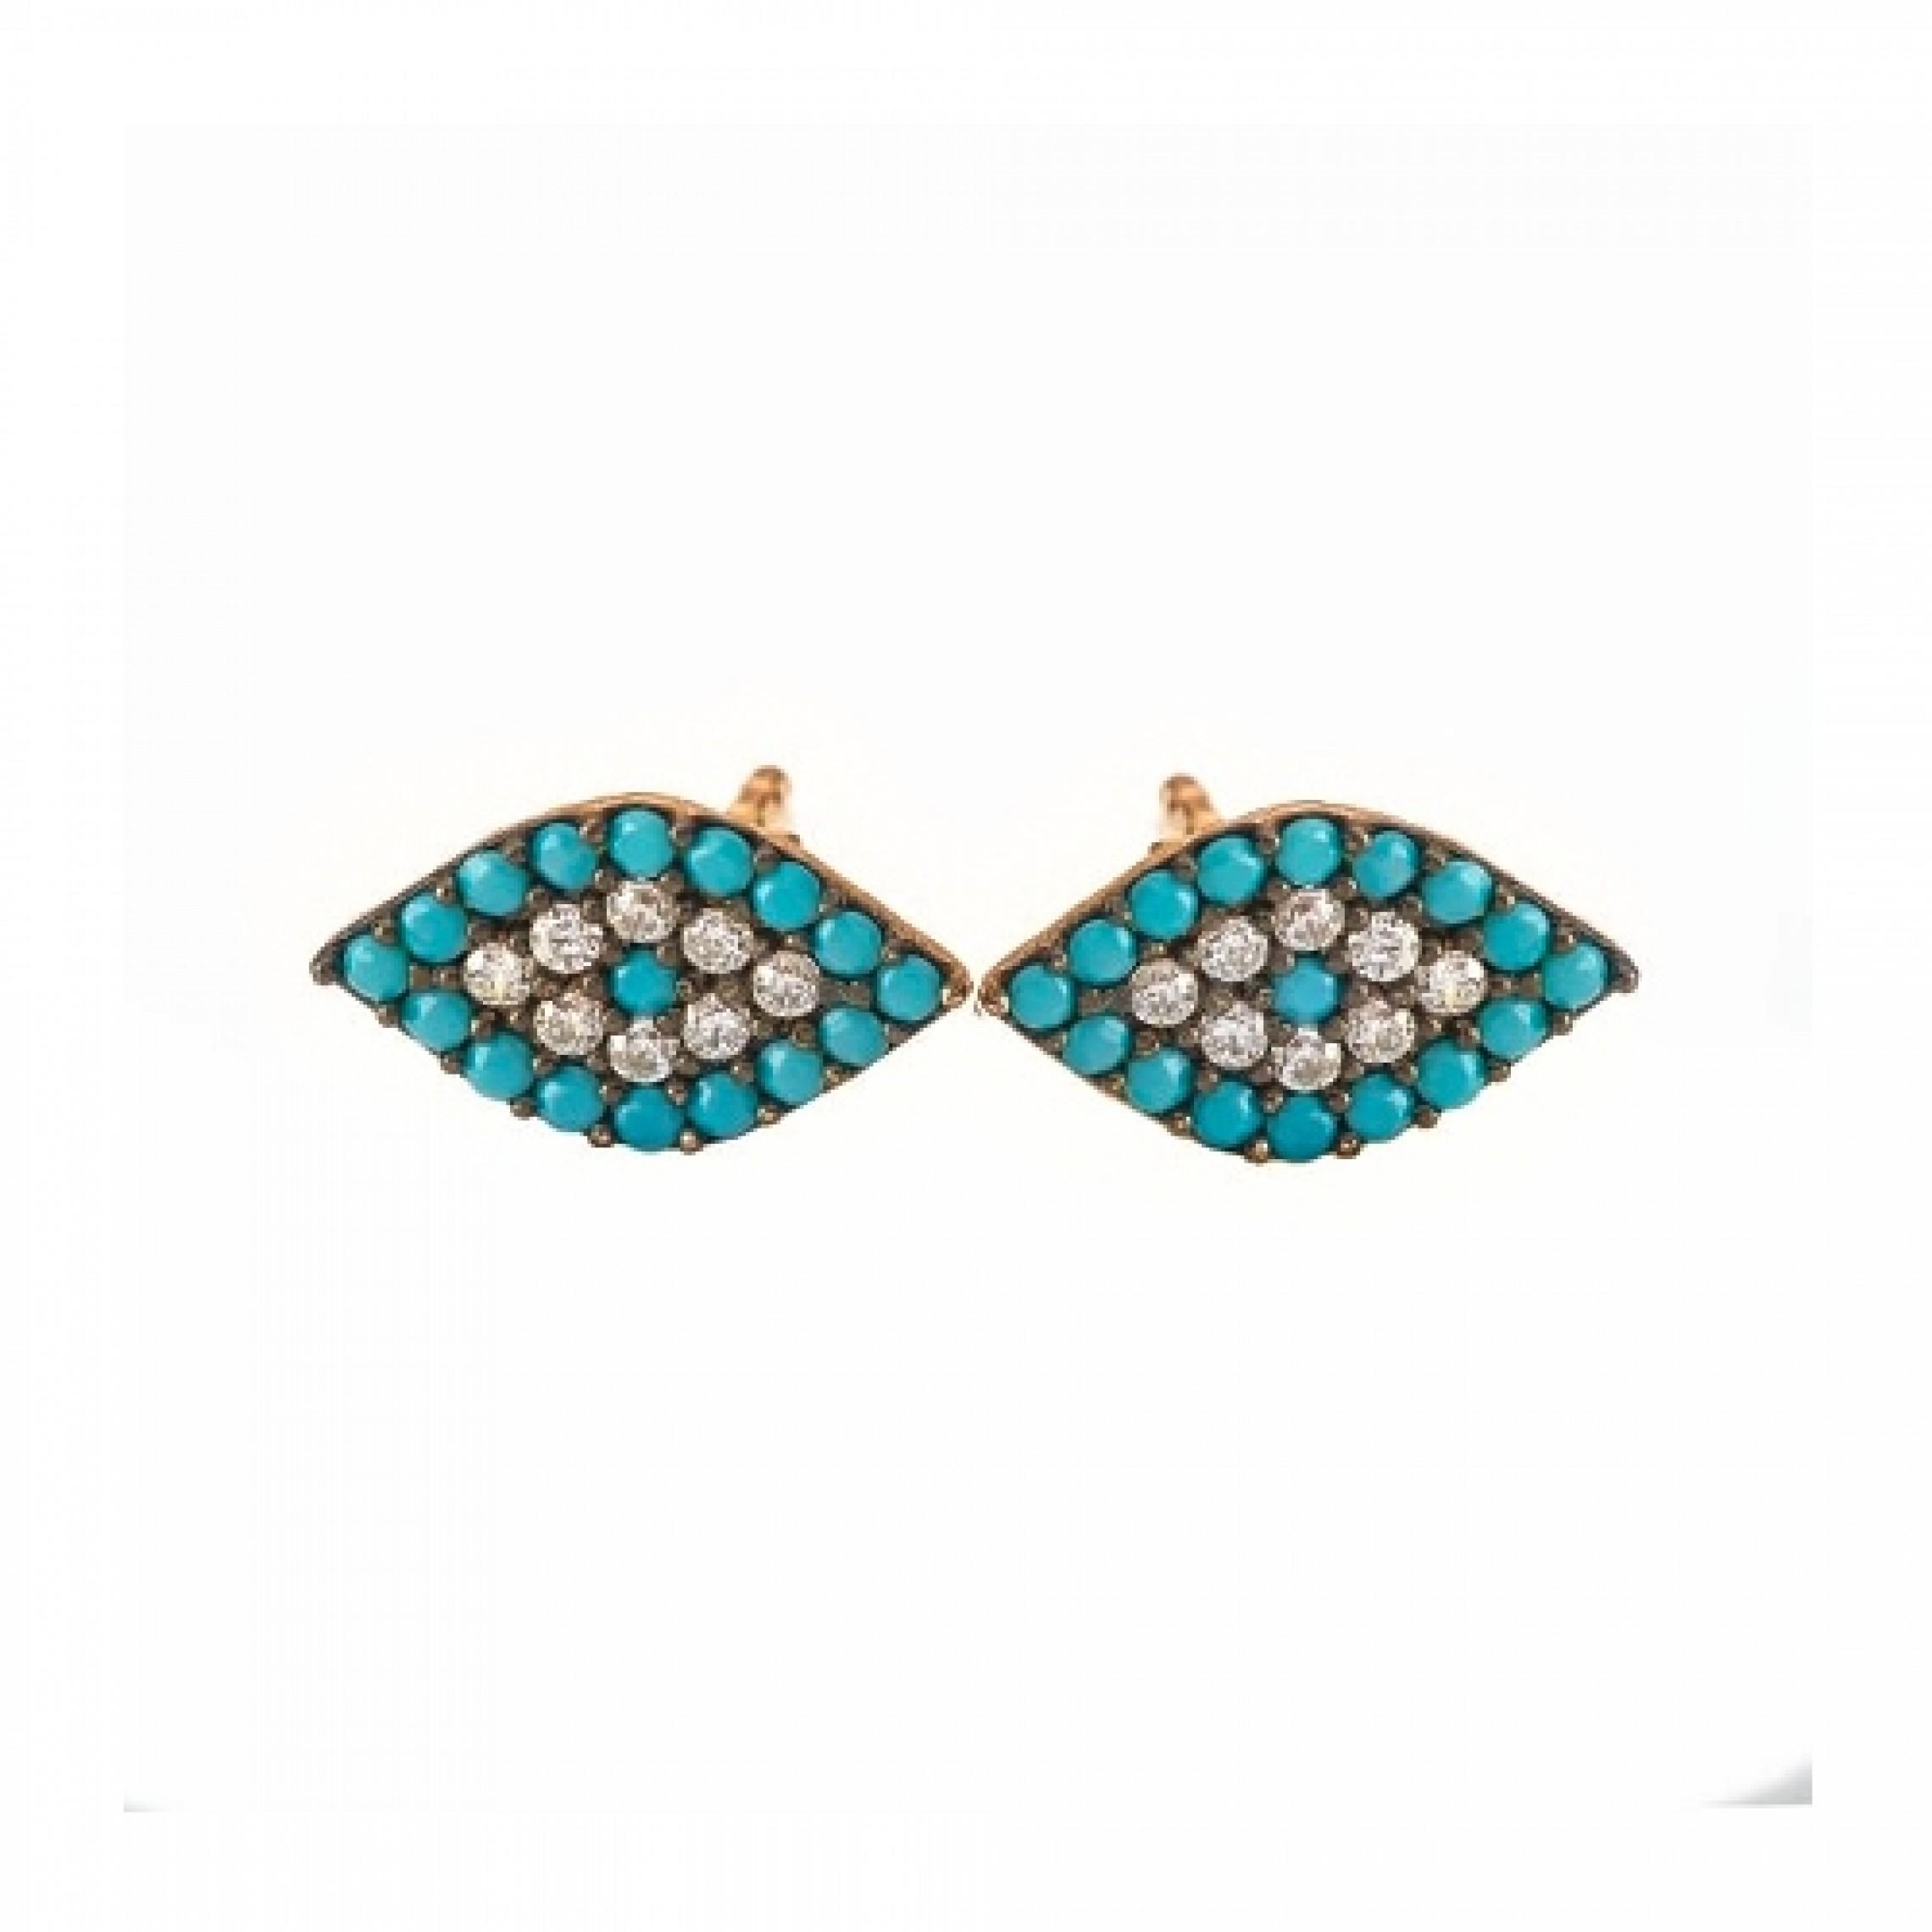 JE-210005 Evil Eye 925 Sterling Silver CZ Earrings